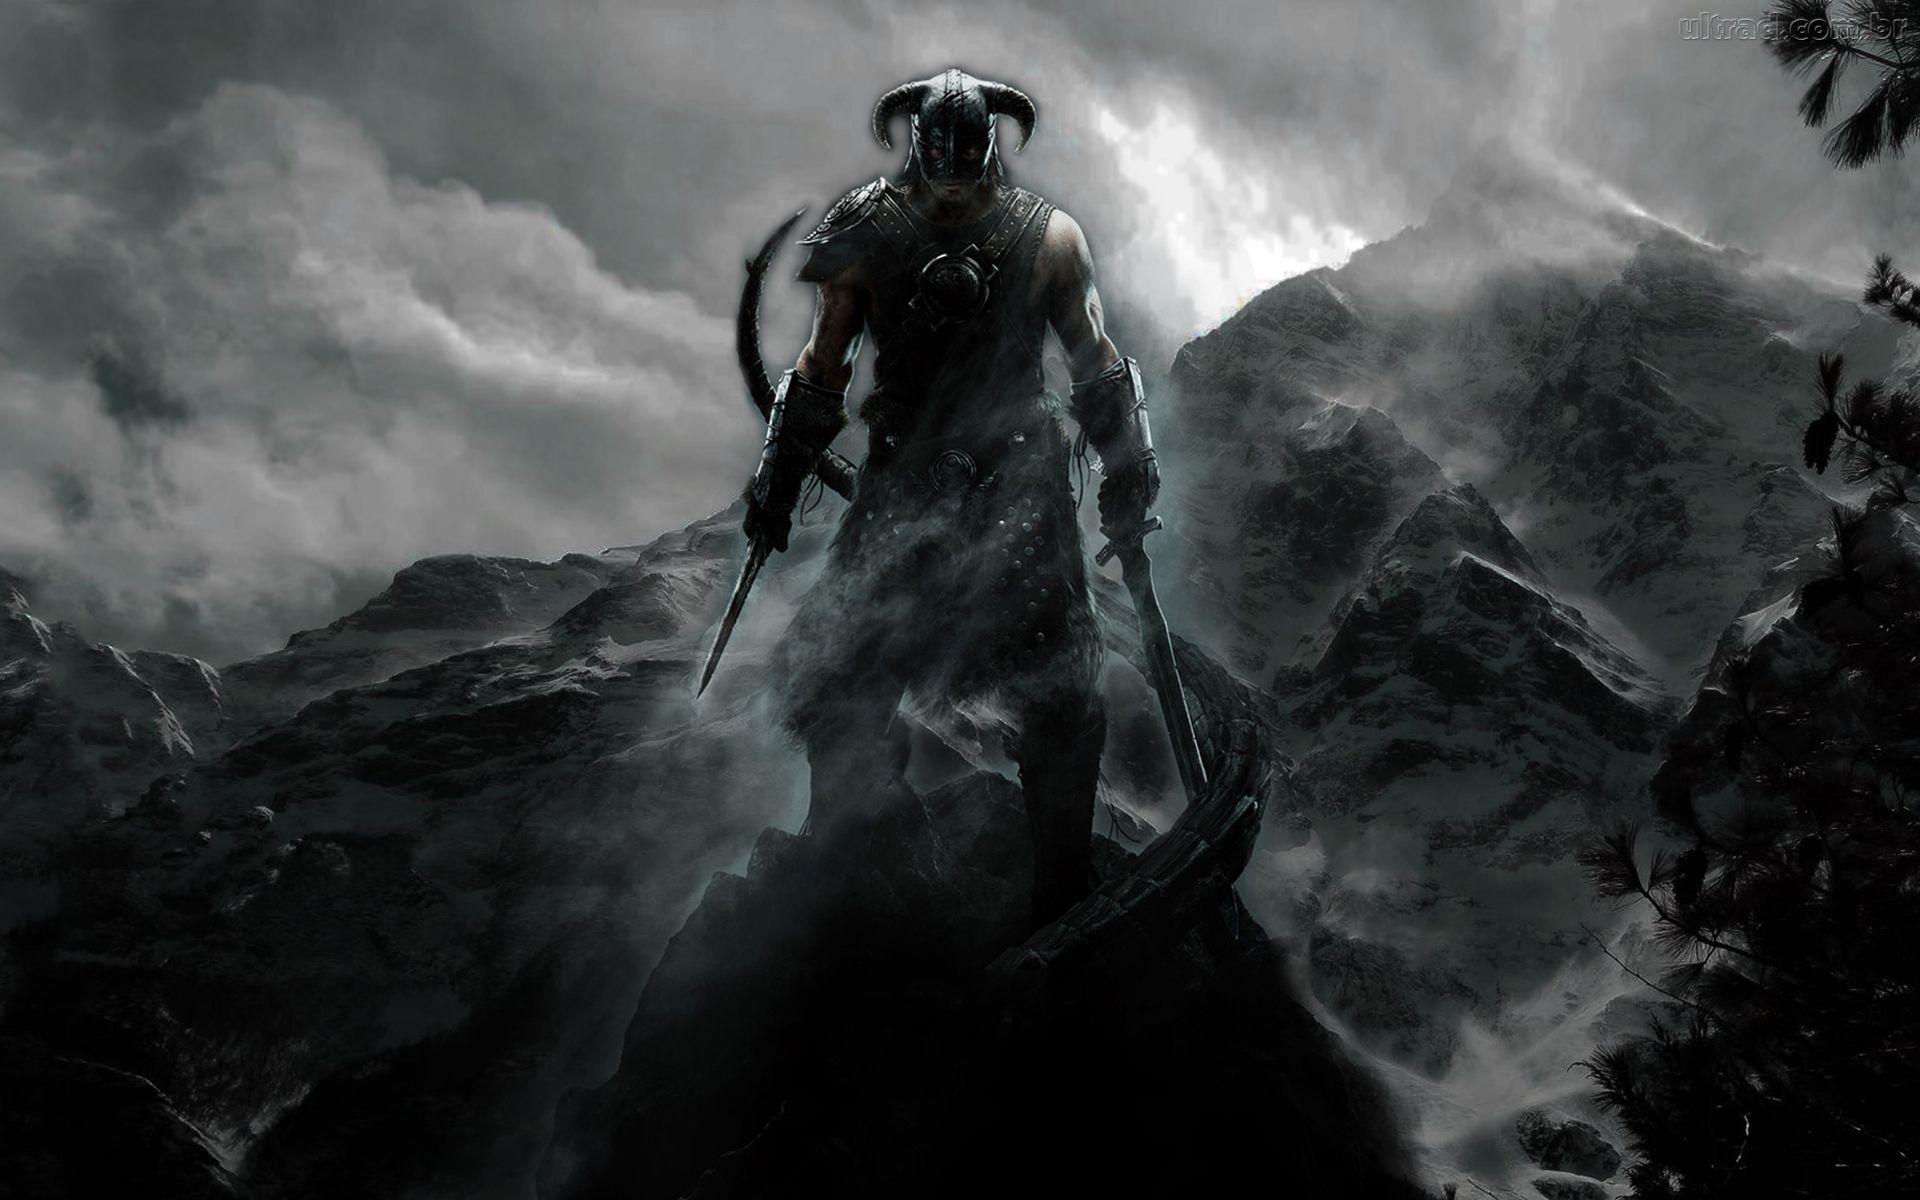 210 The Last Of Us Papéis De Parede Hd: Skyrim Hd Background - HD Desktop Wallpapers